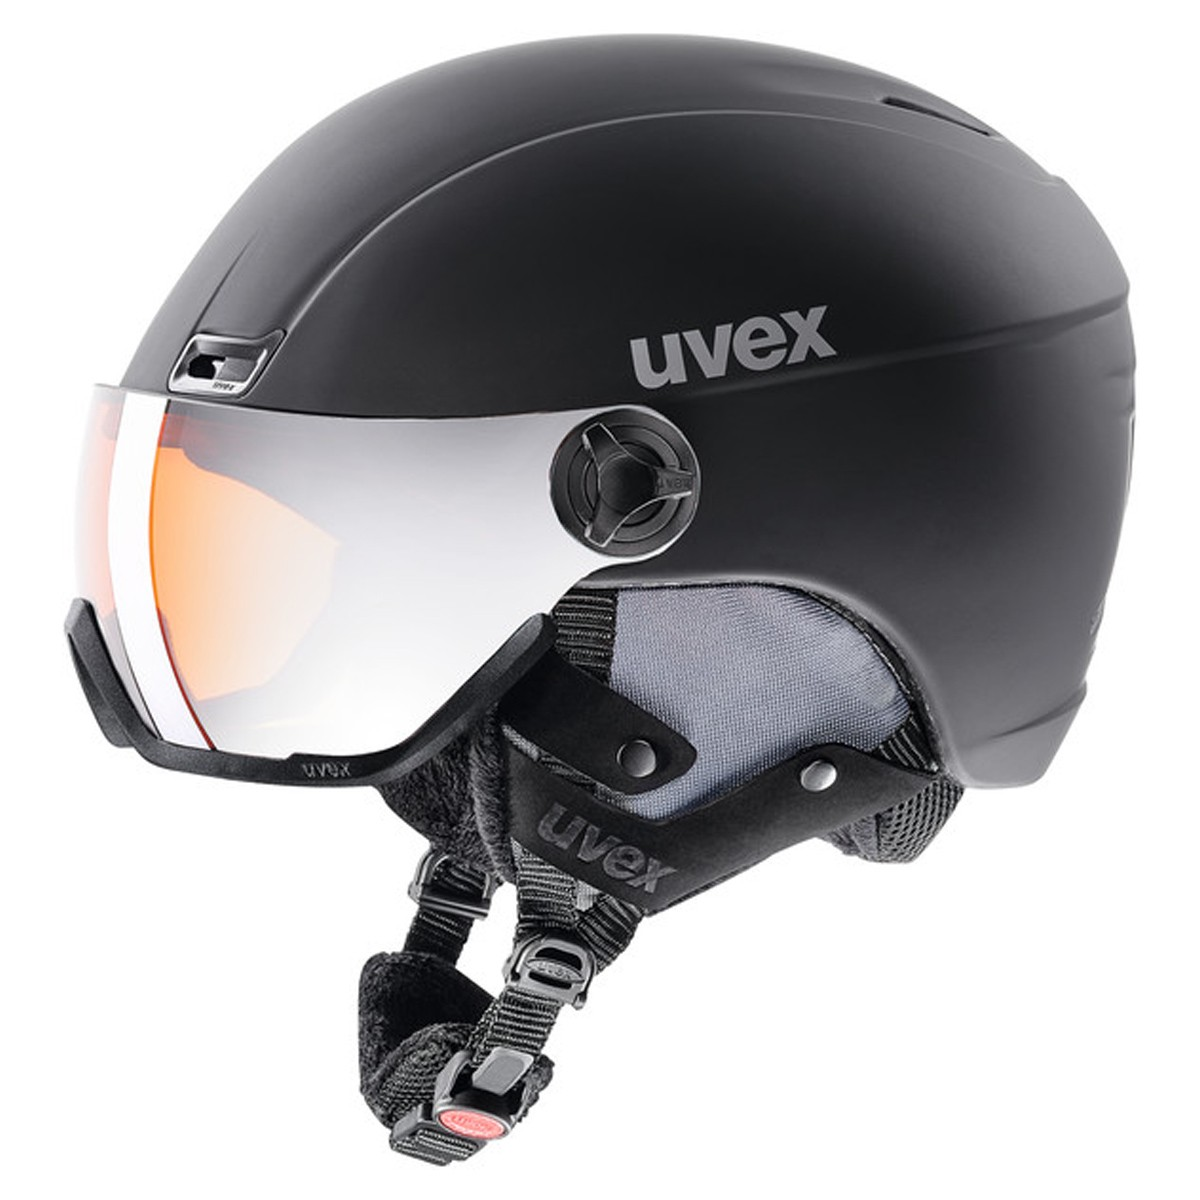 Casco sci Uvex Hlmt 400 Visor style (Colore: Black, Taglia: 58/61)